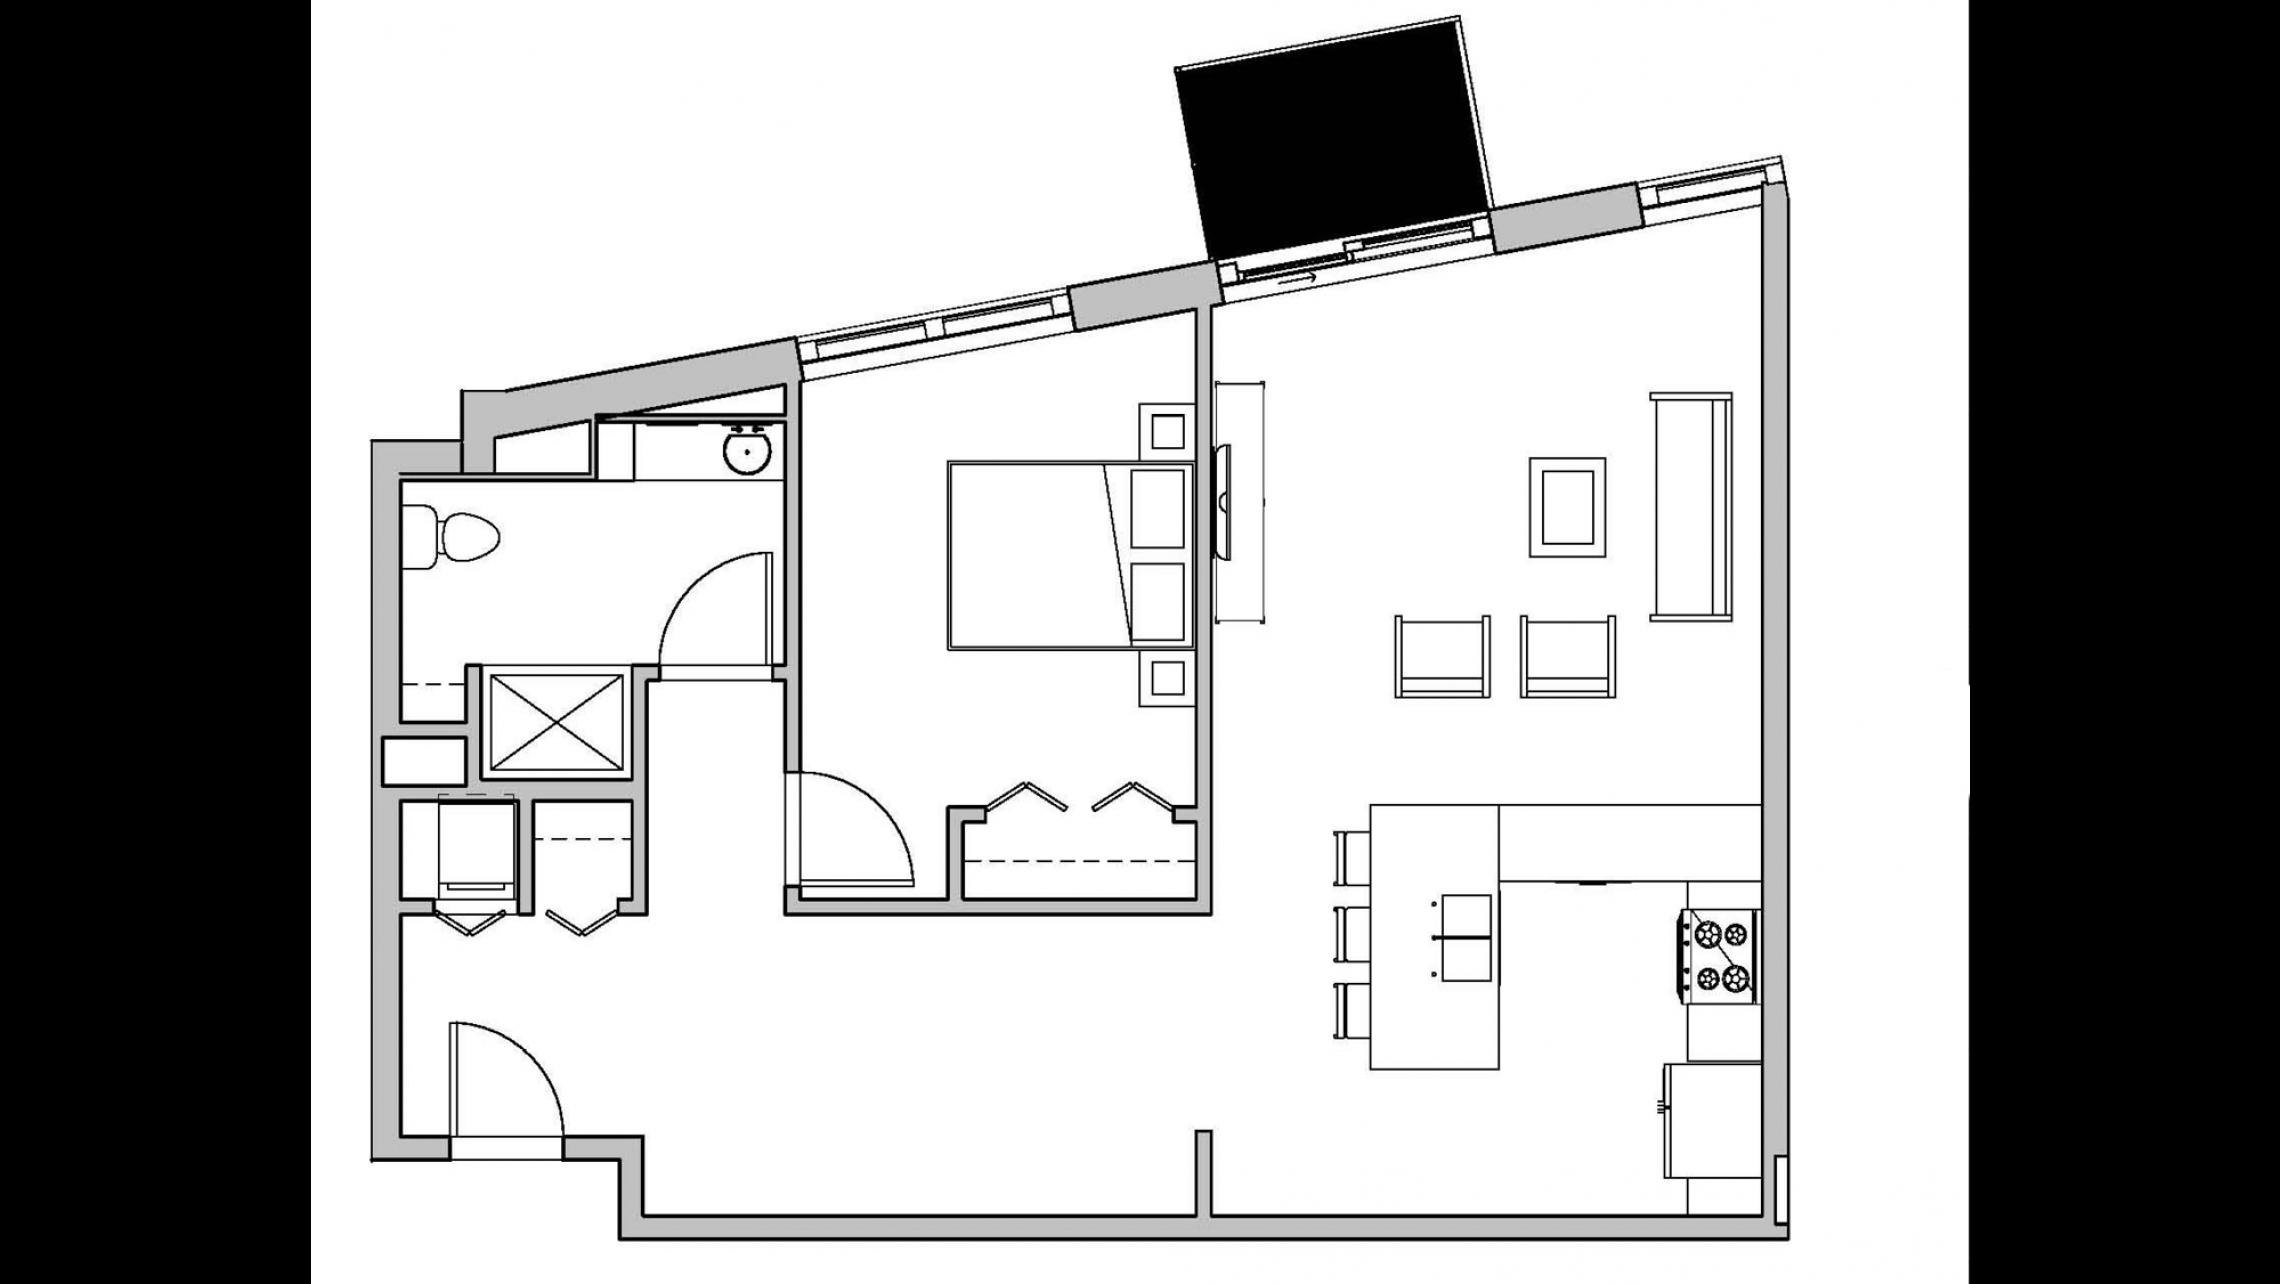 ULI Seven27 205 - One Bedroom, One Bathroom